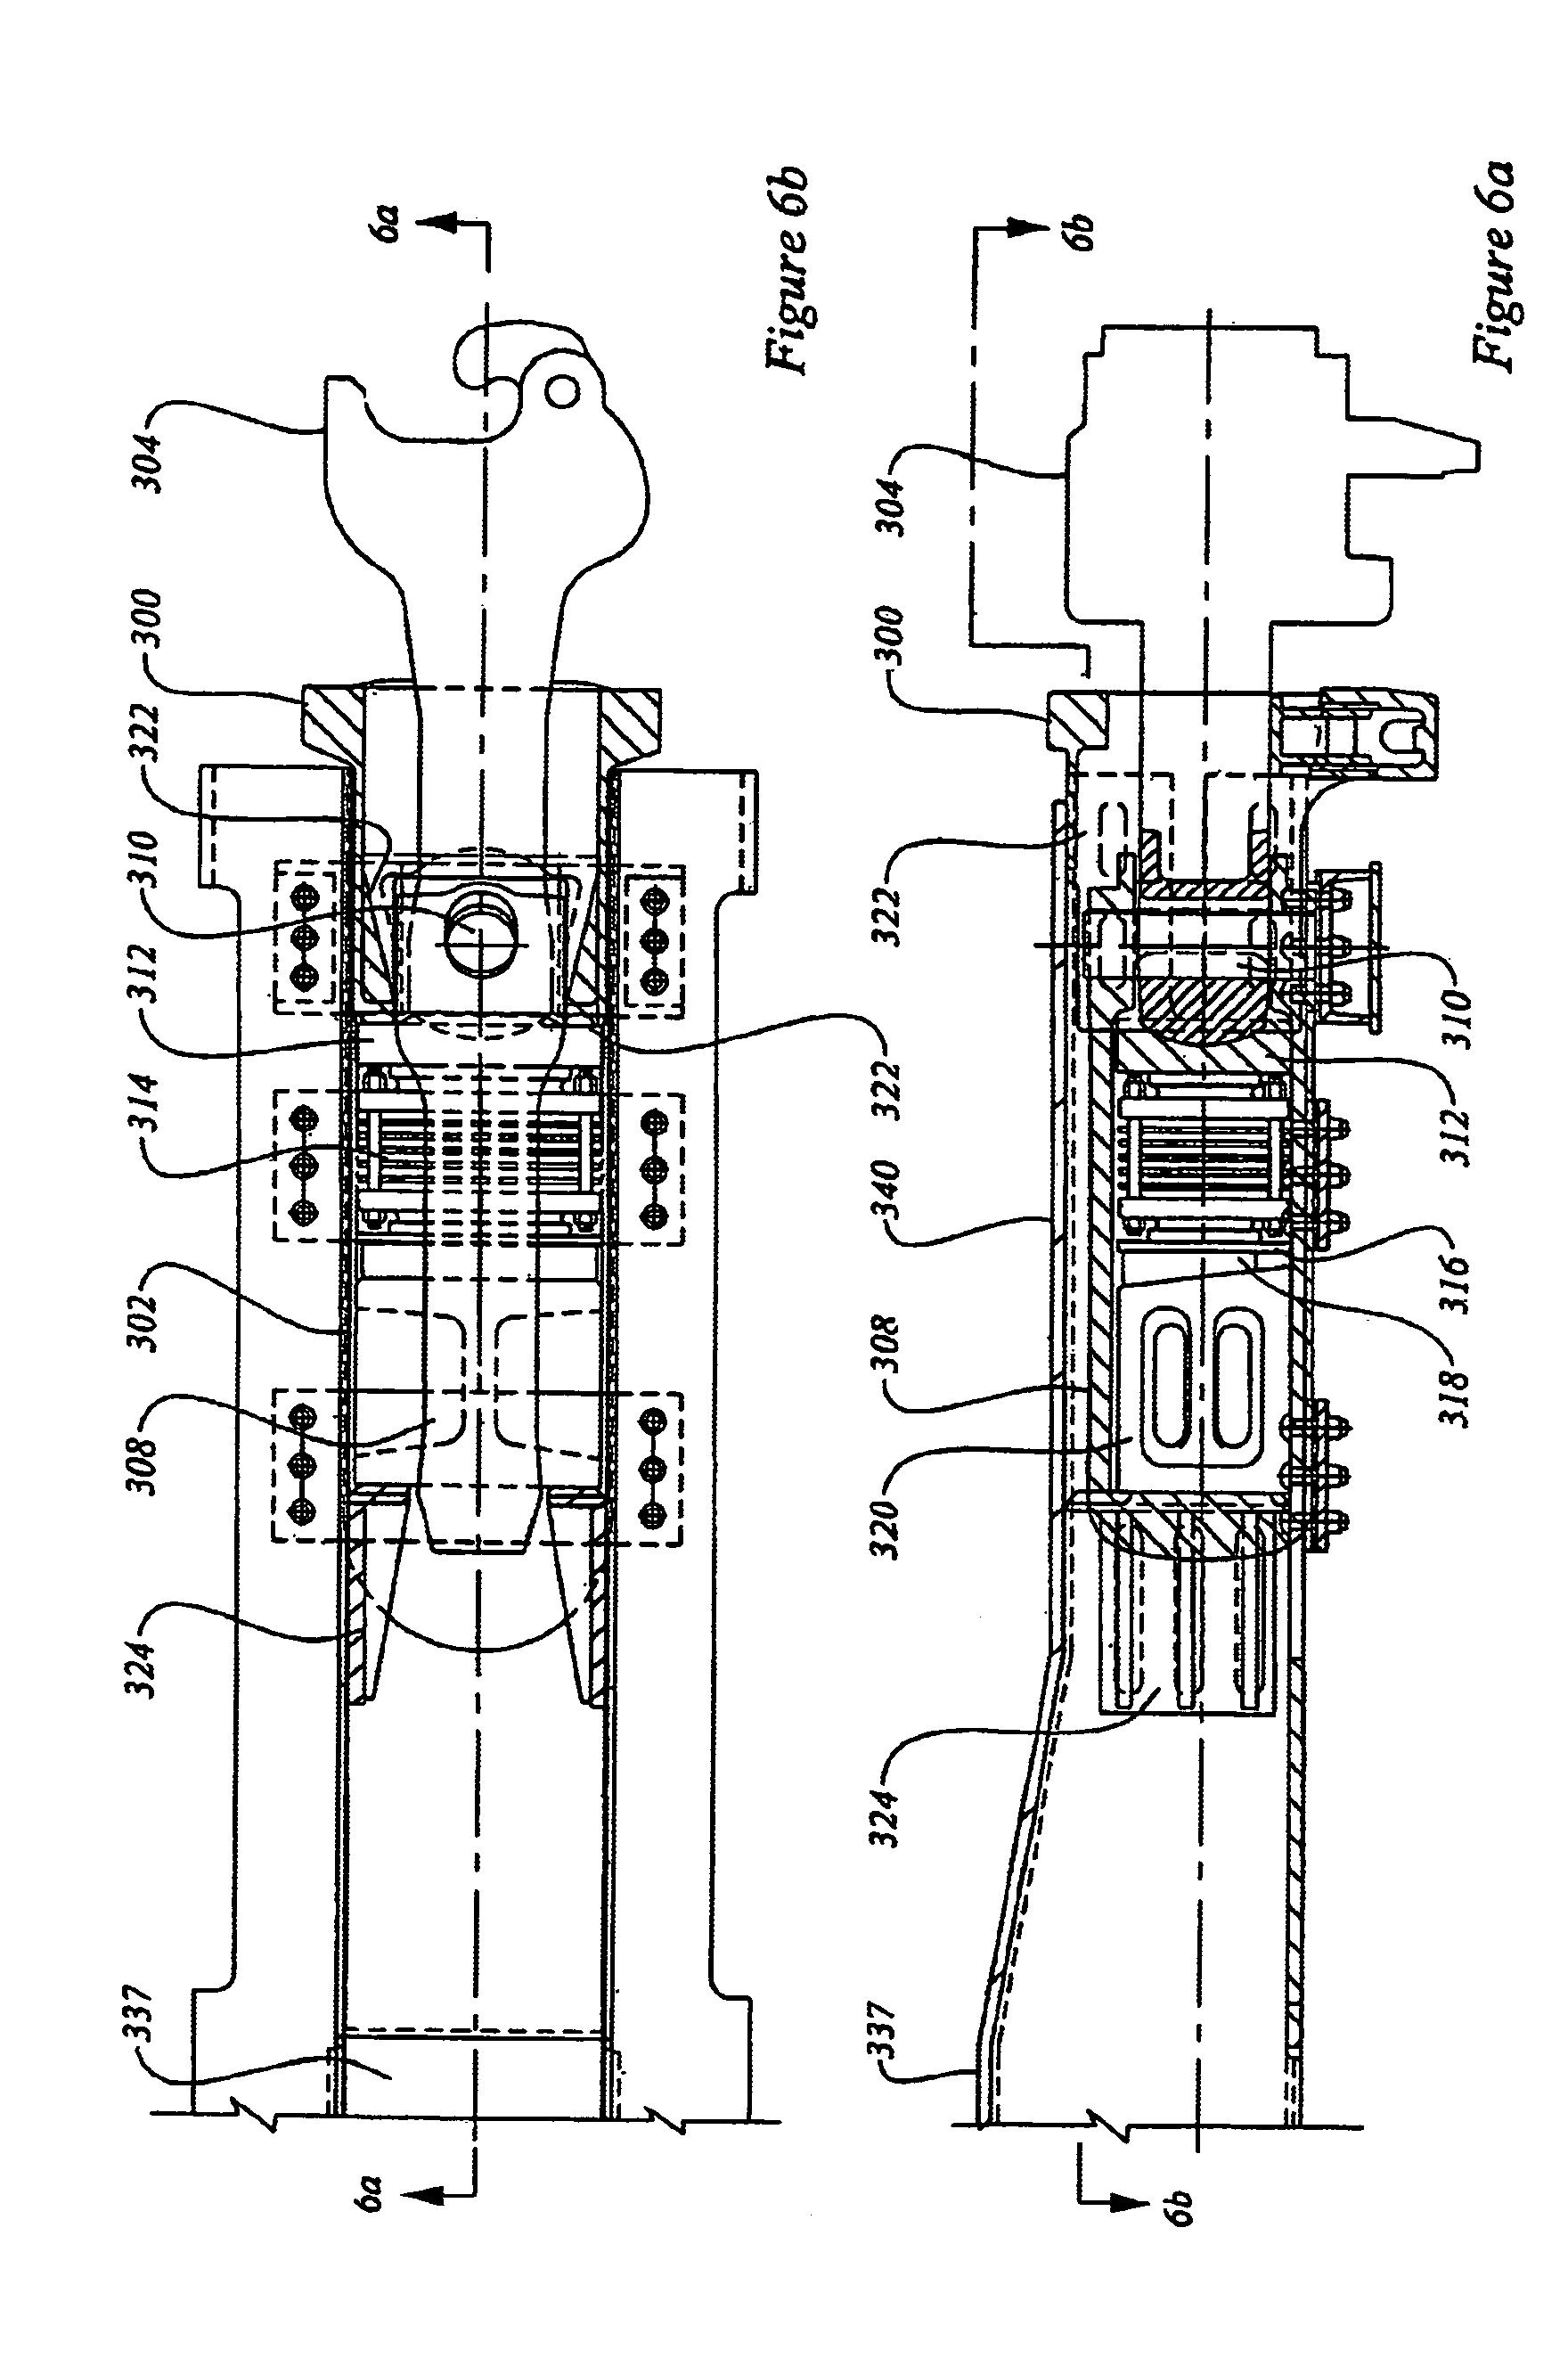 split type air conditioner circuit diagram